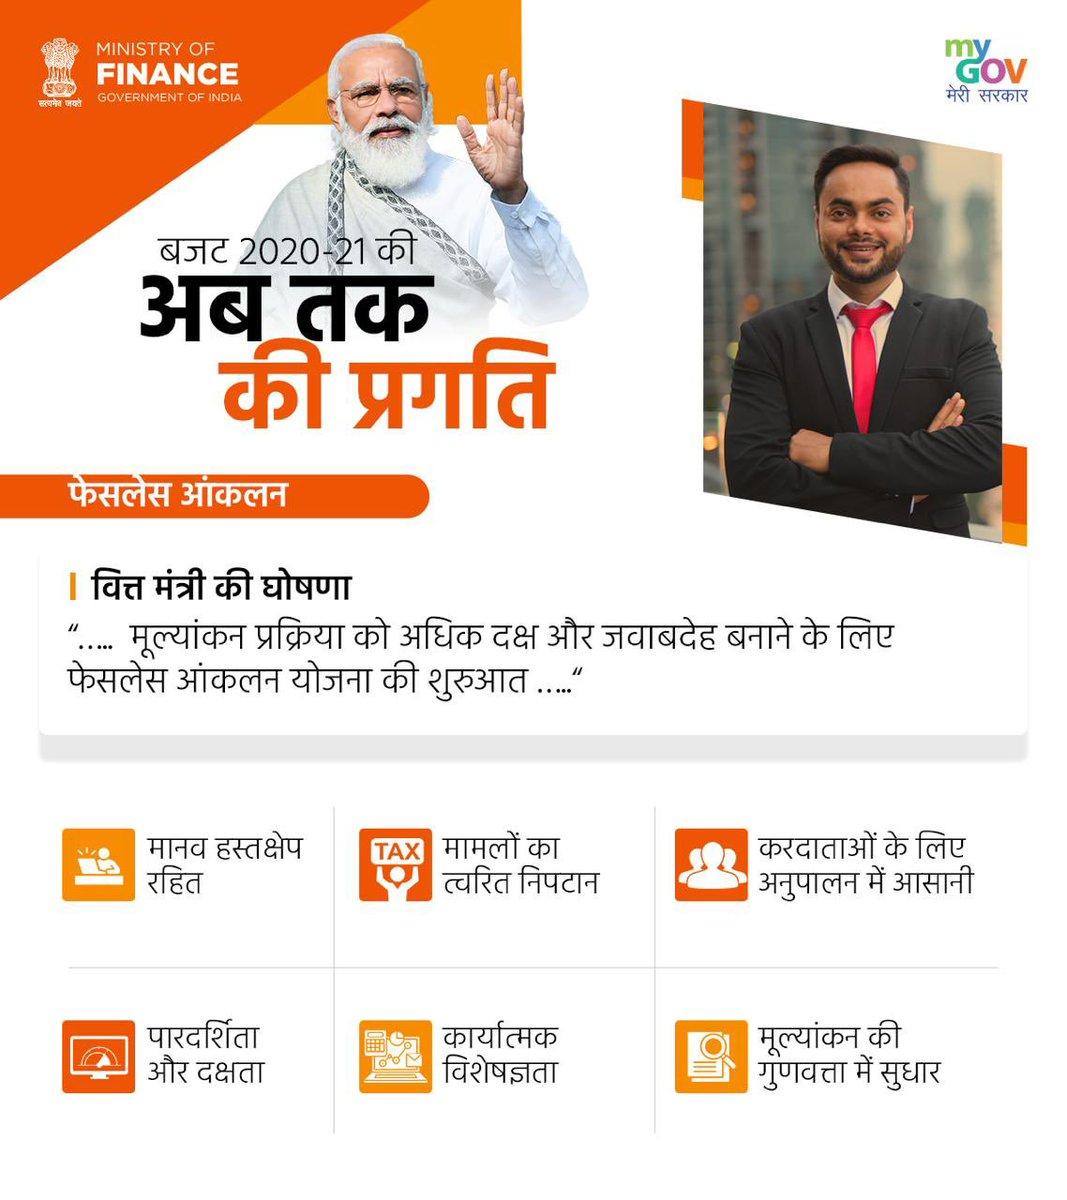 Replying to @Anurag_Office: बजट 2020 -2021 की अब तक की प्रगति..  फ़ेसलेस आकलन 👇🏻  | @FinMinIndia |